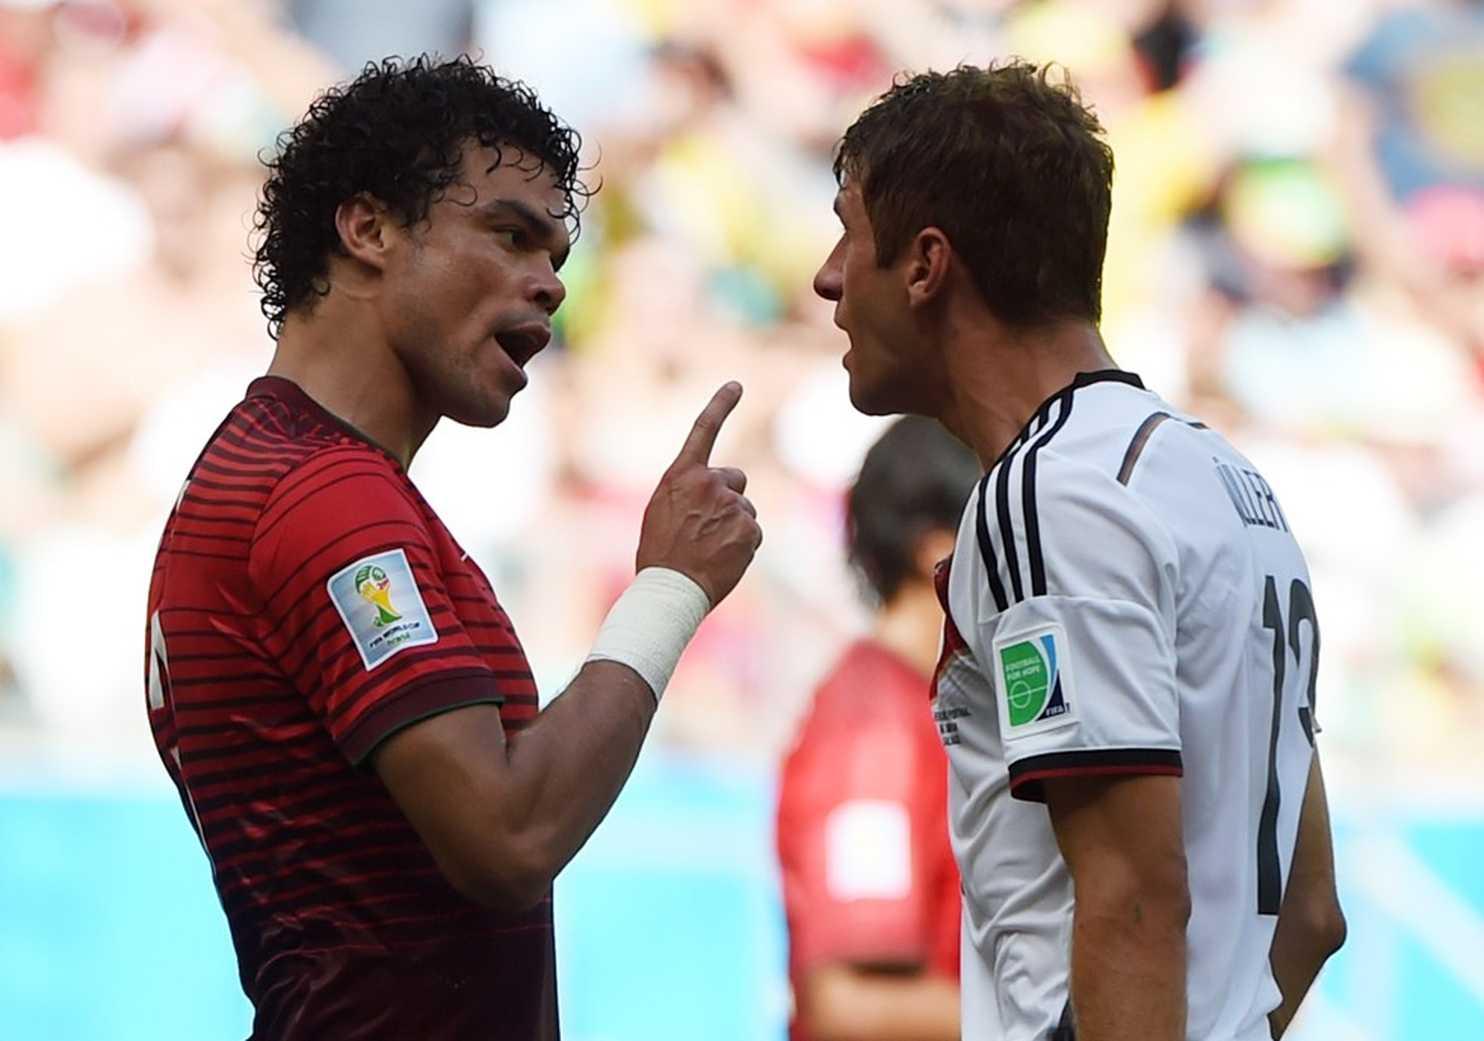 Toi Pepe, le bourreau des corps